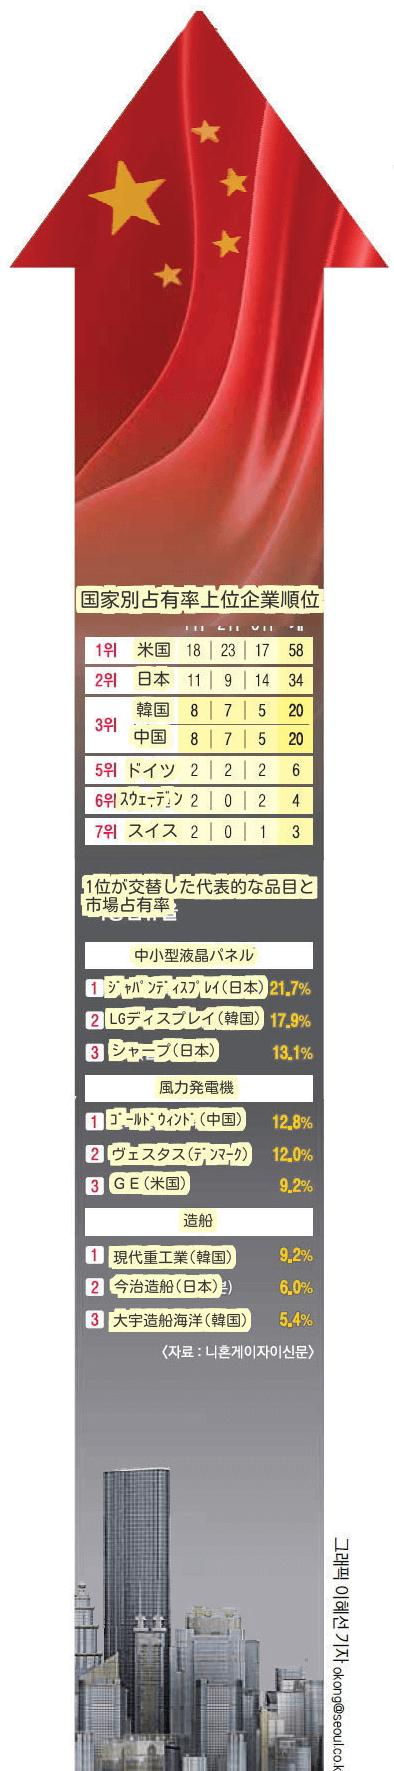 ダウンロード (1) (4)